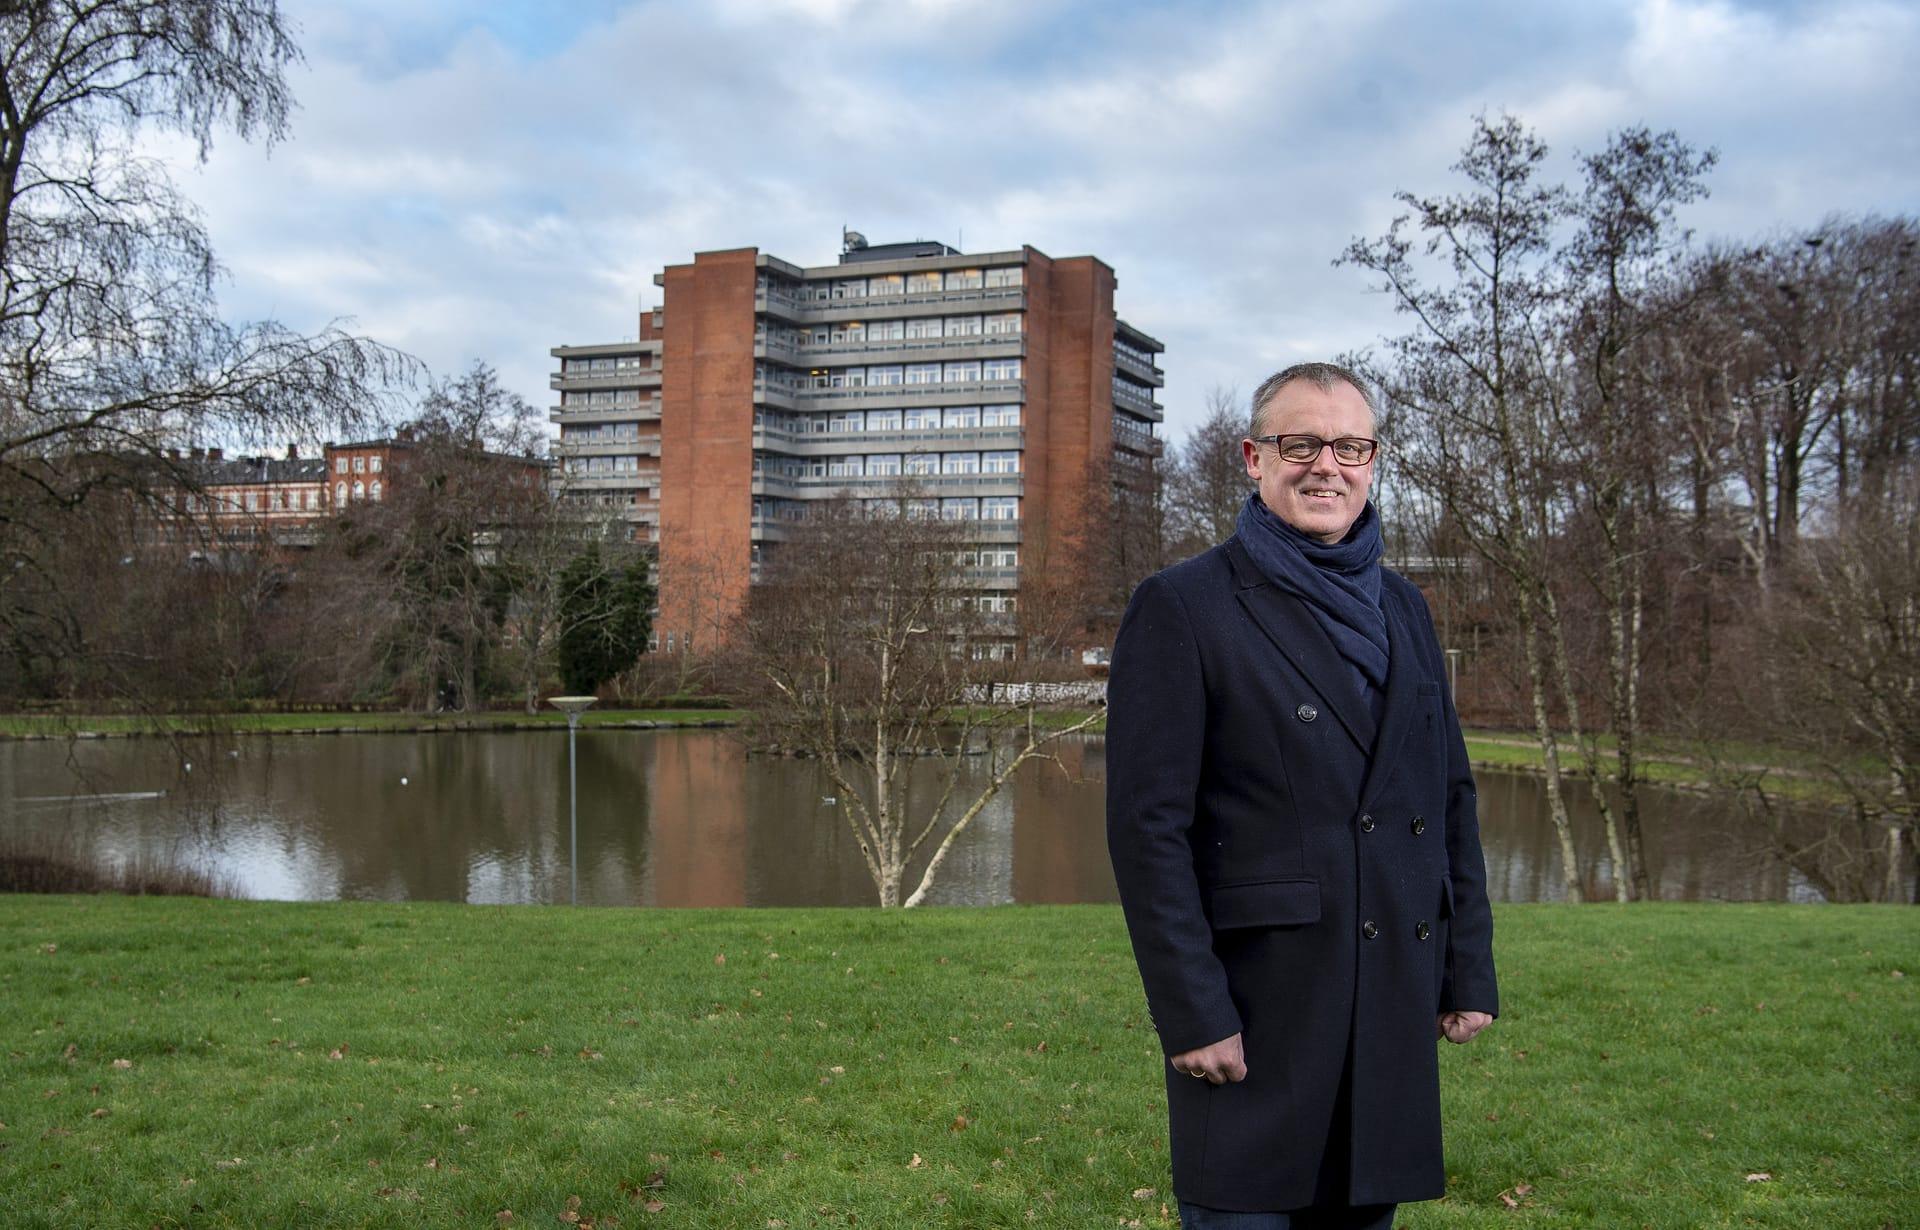 Direktør Jesper Larsen, Holstebro Udvikling P/S.